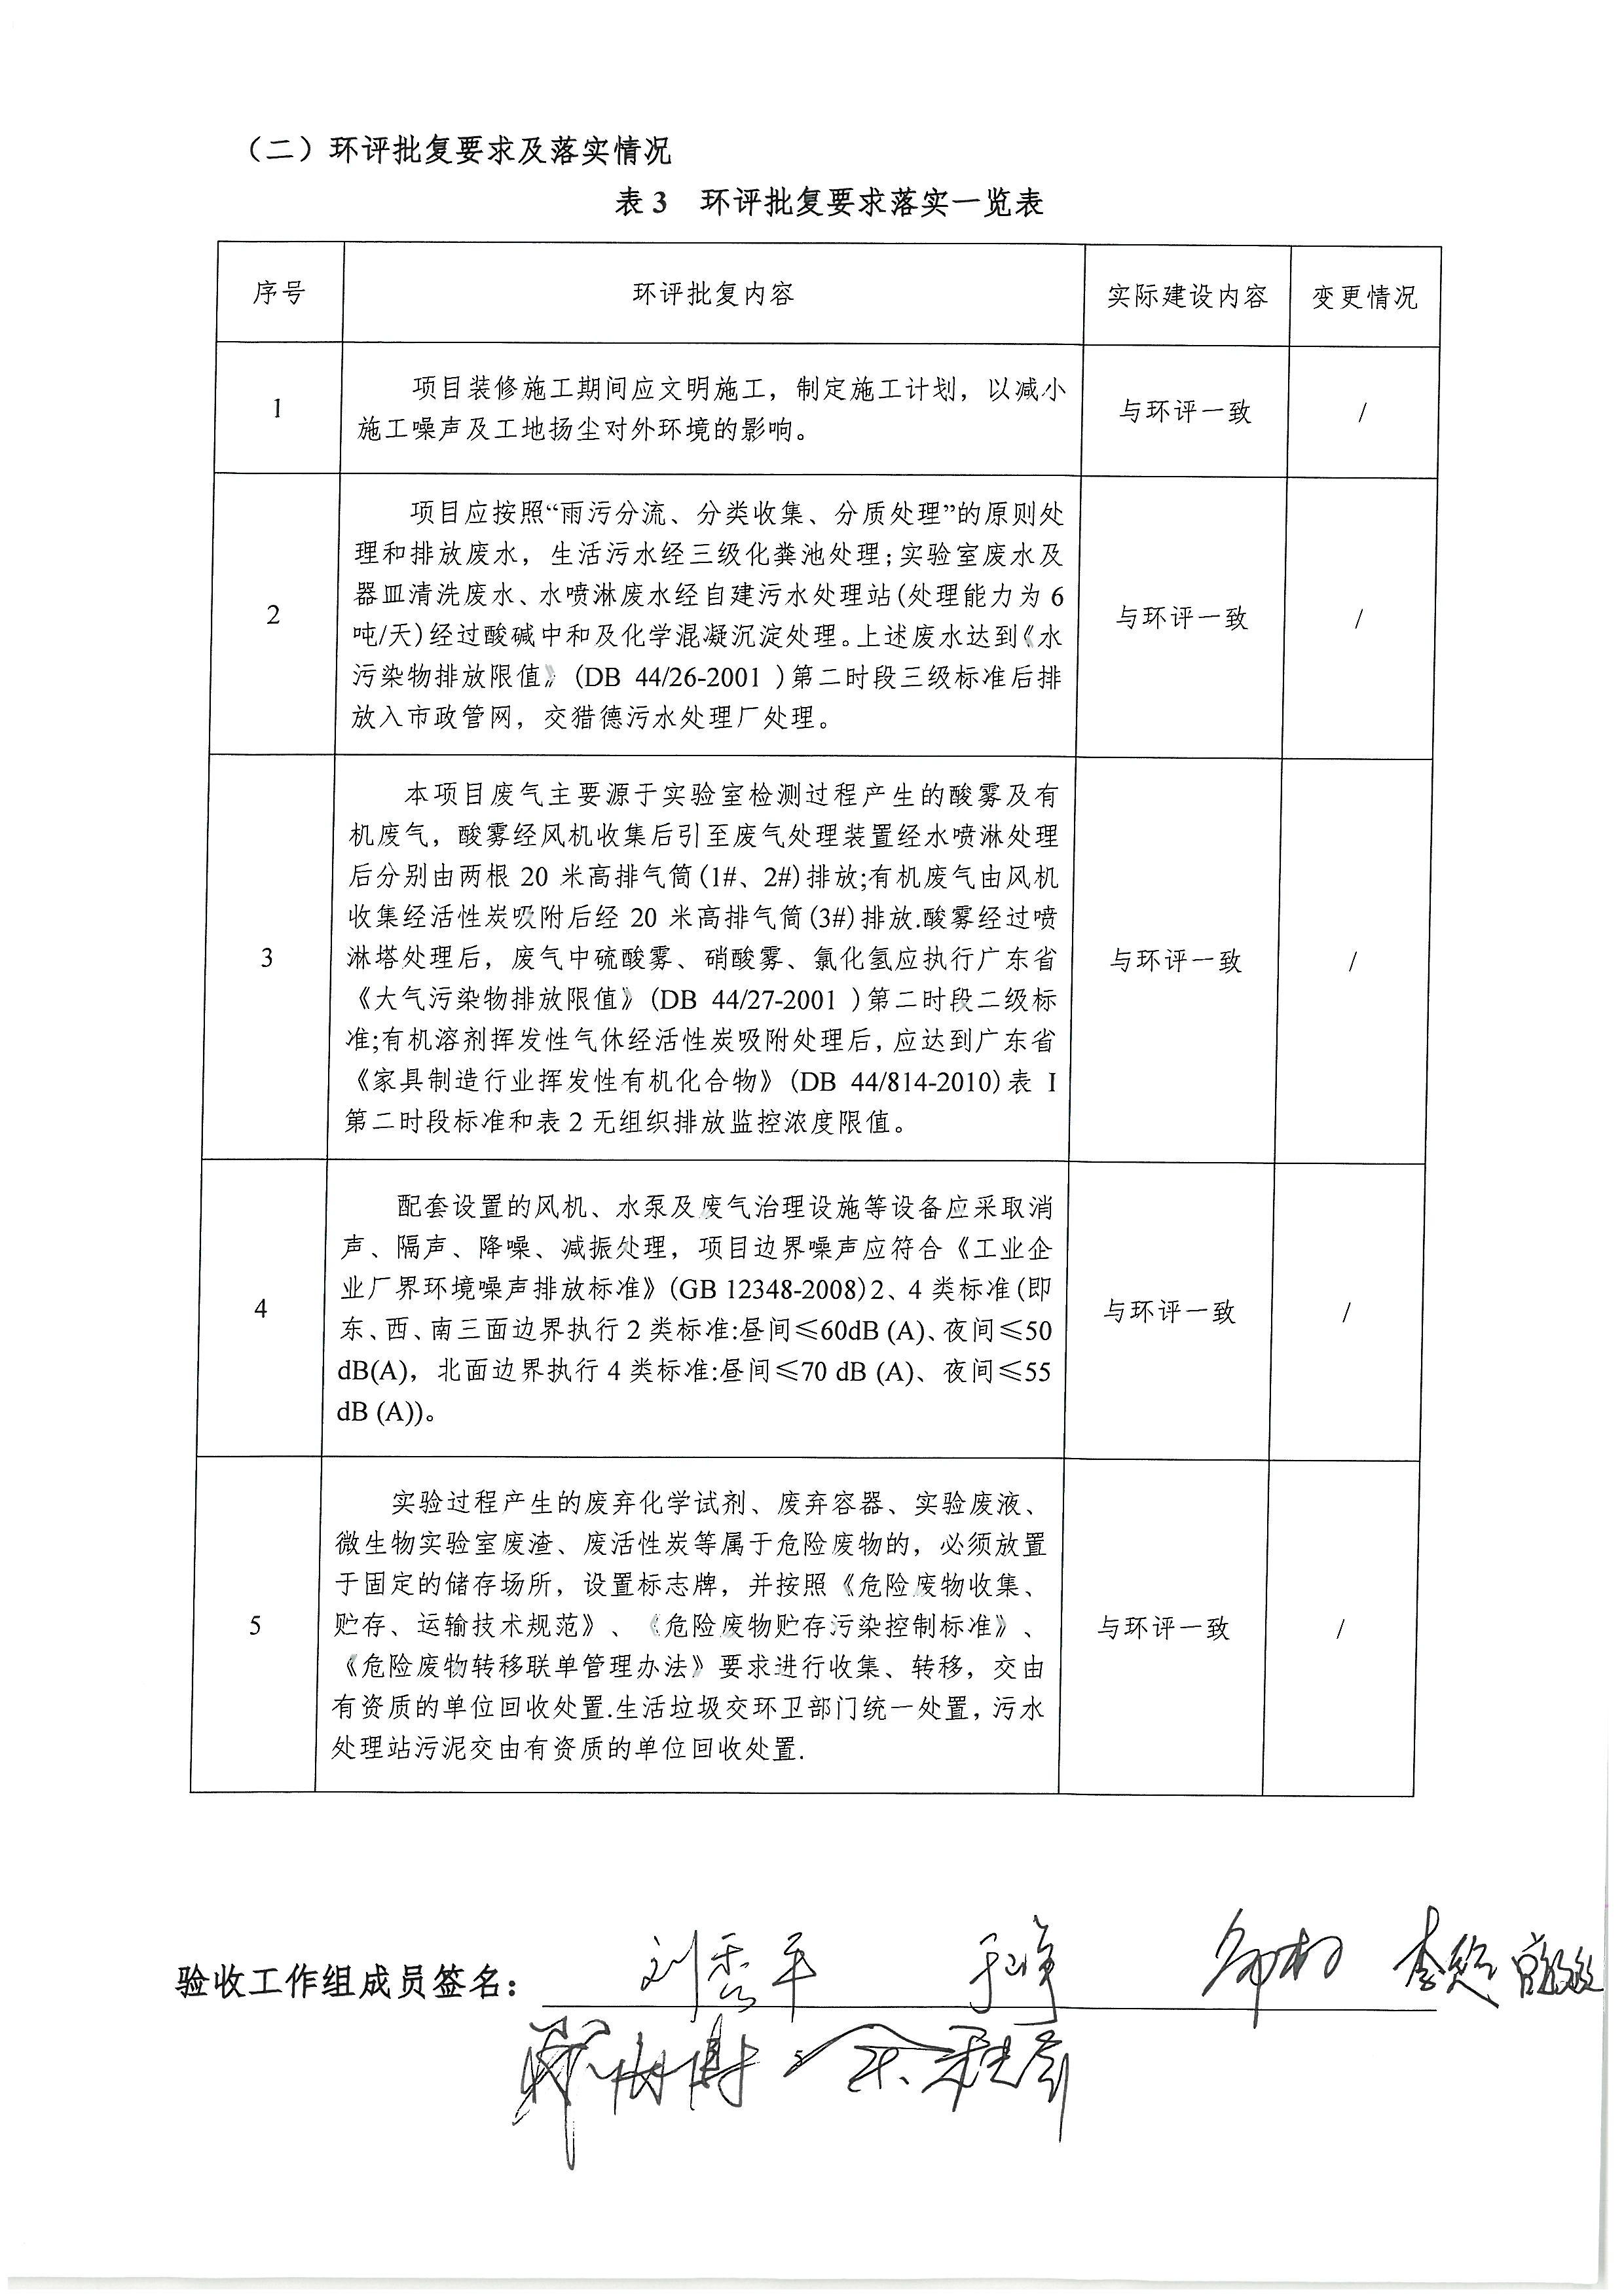 广东建研环境监测有限公司建设项目环境保护设施验收工作组意见_页面_5